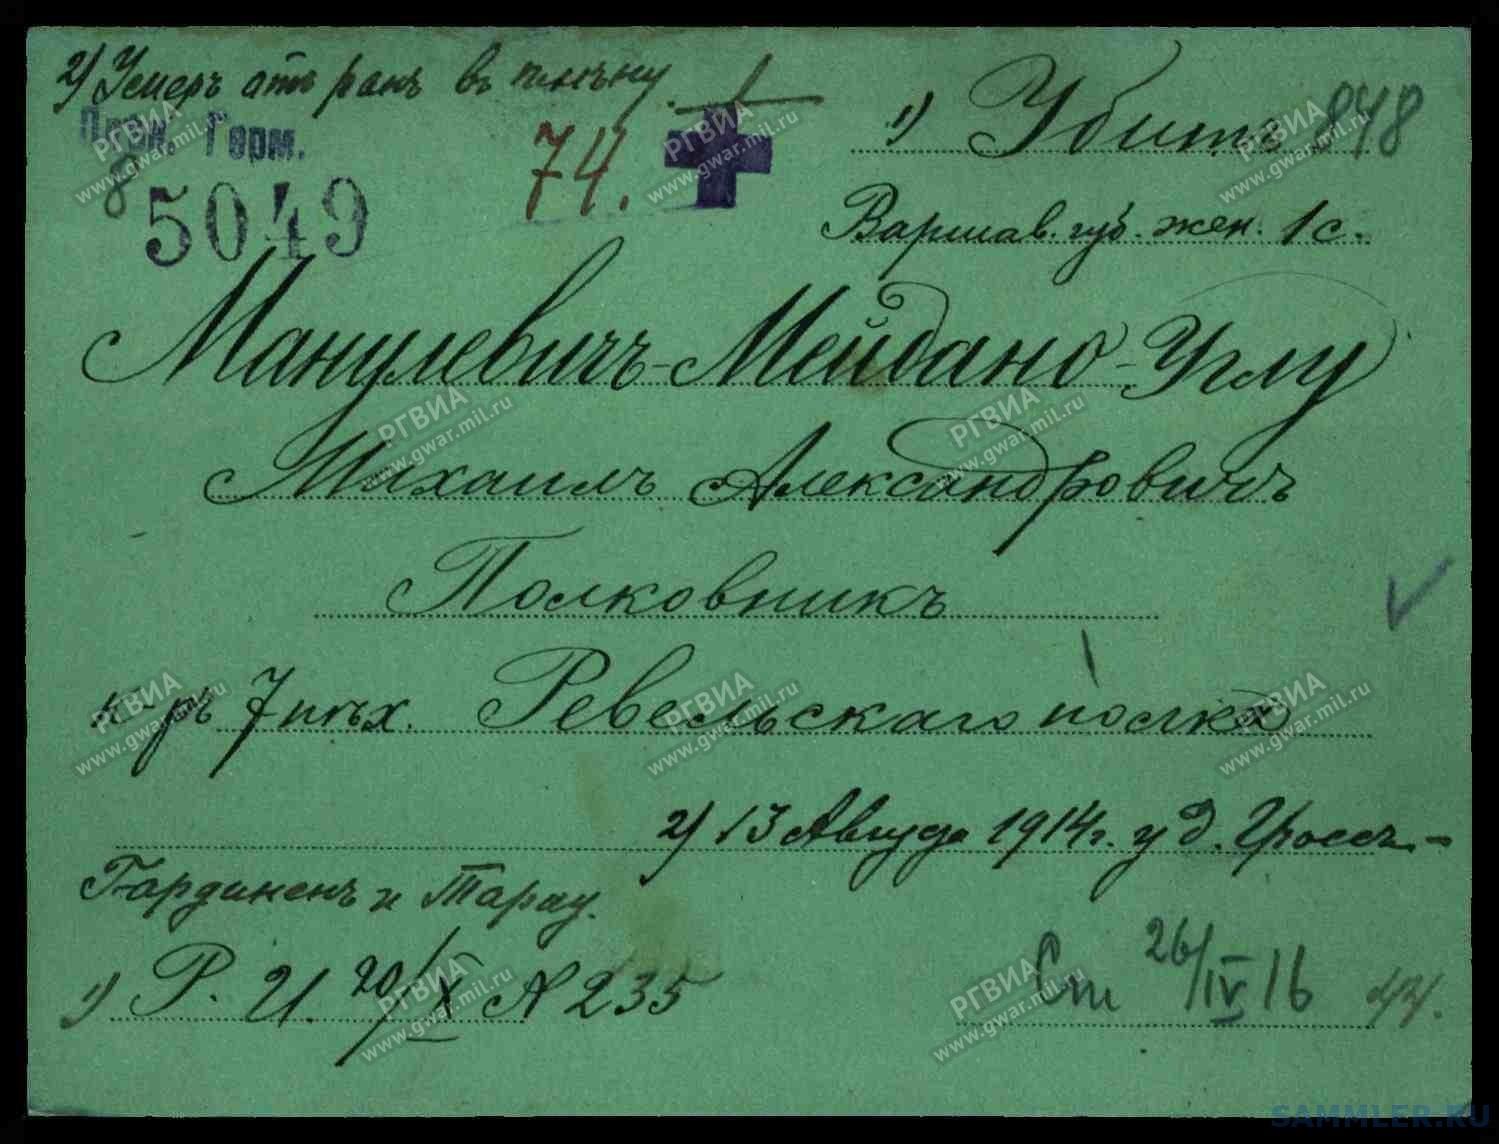 Манулевич-Мейдано-Углу Михаил Александрович.jpg